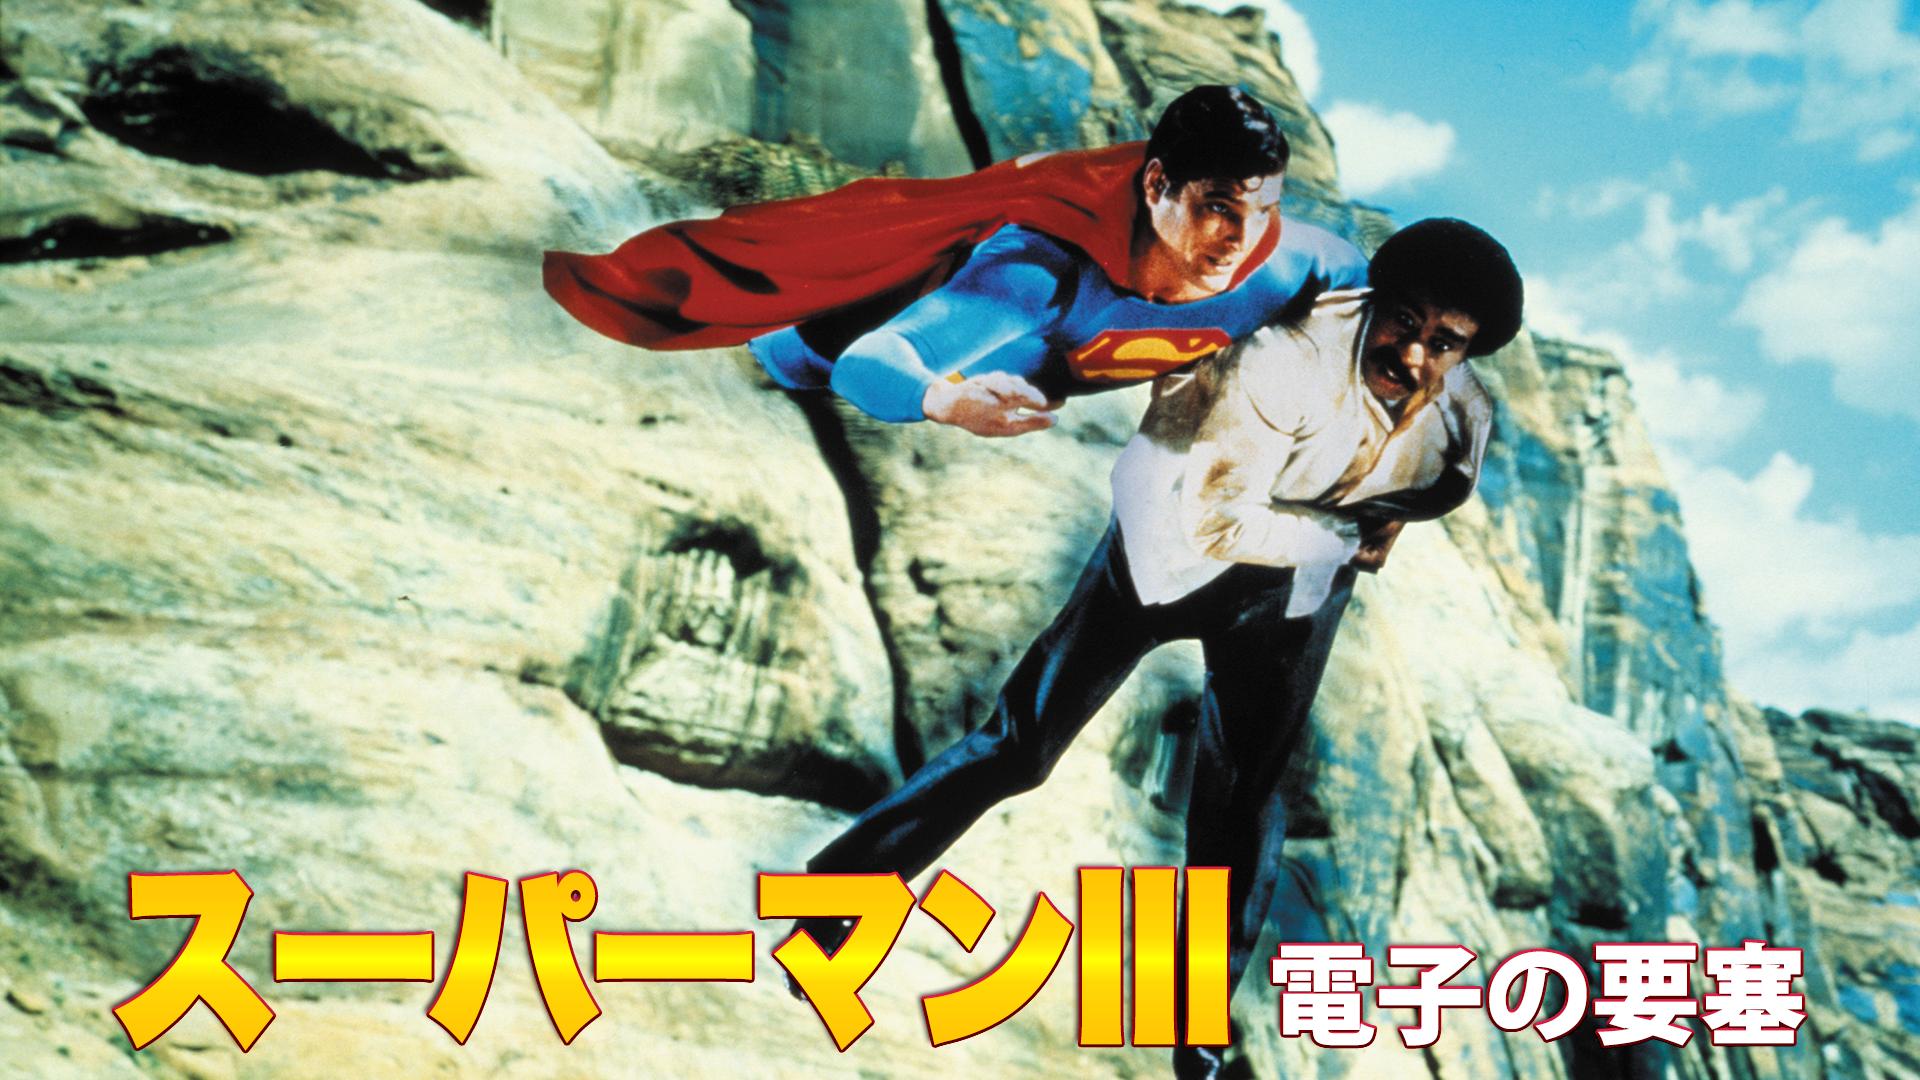 スーパーマンIII 電子の要塞 動画